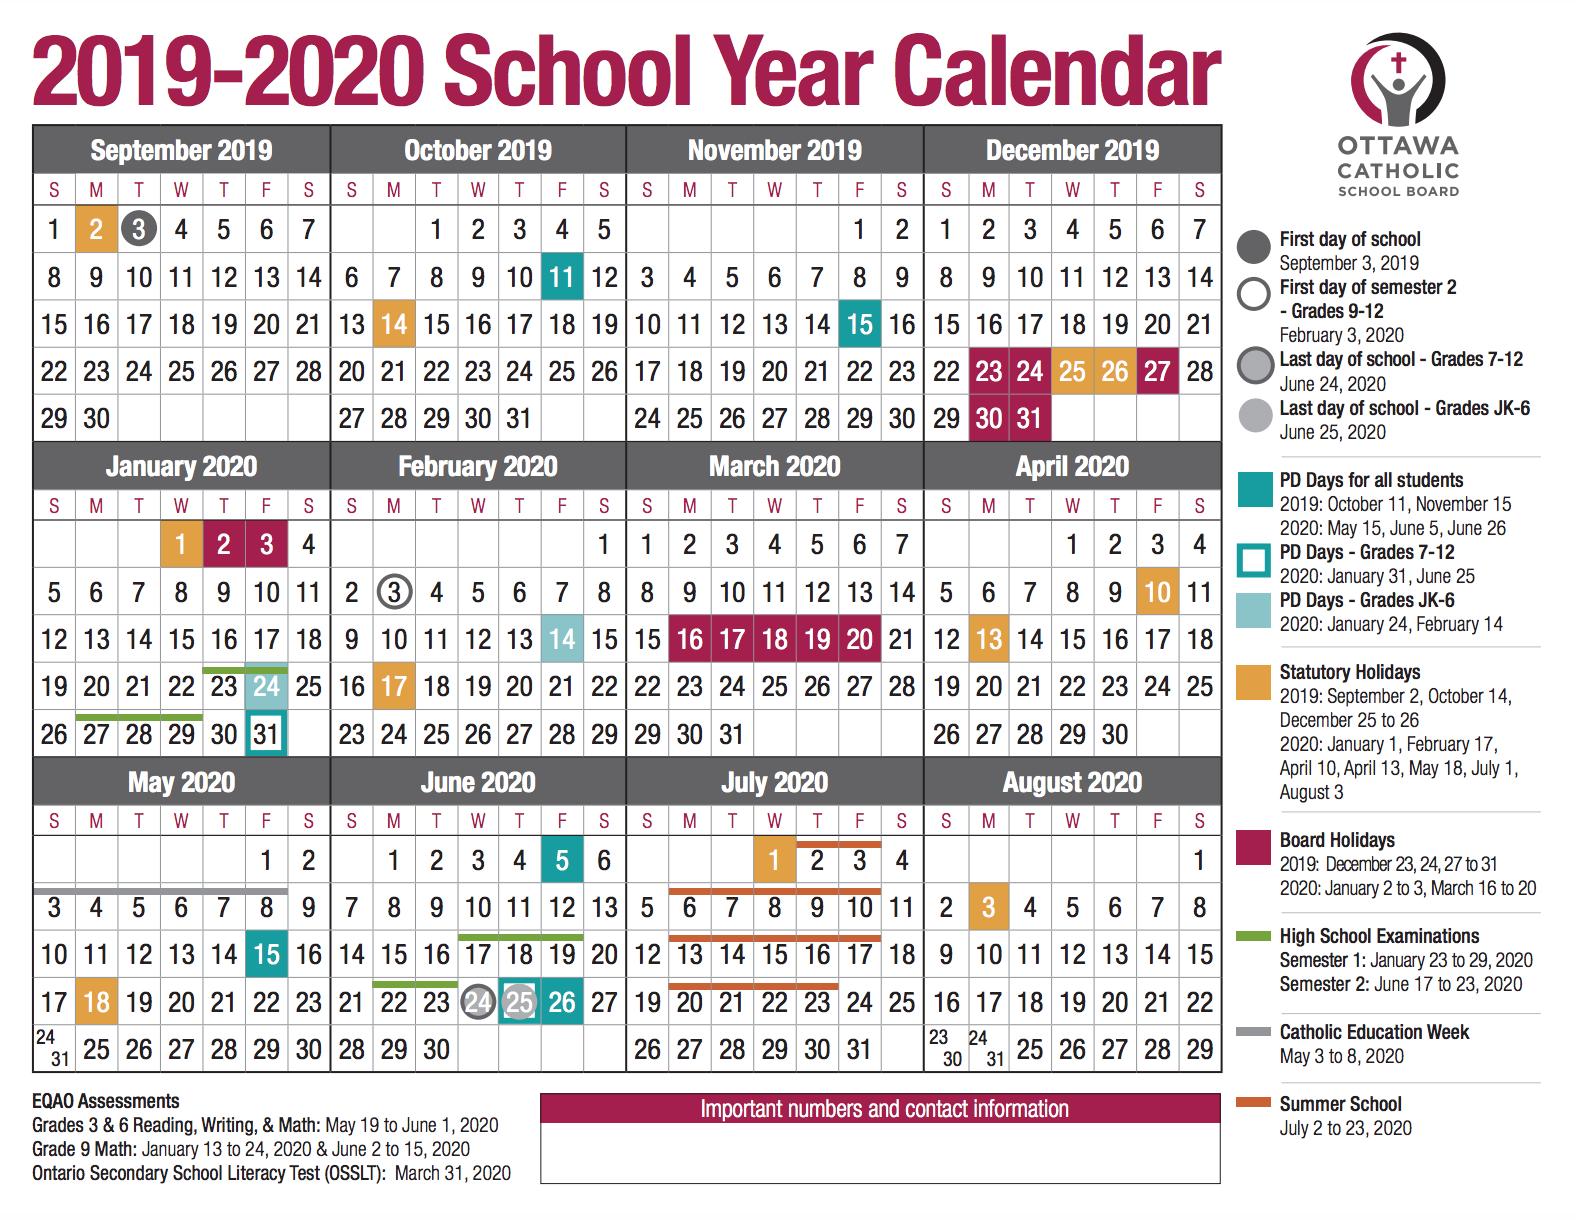 School Year Calendar From The Ocsb With West Ottawa School Calendar